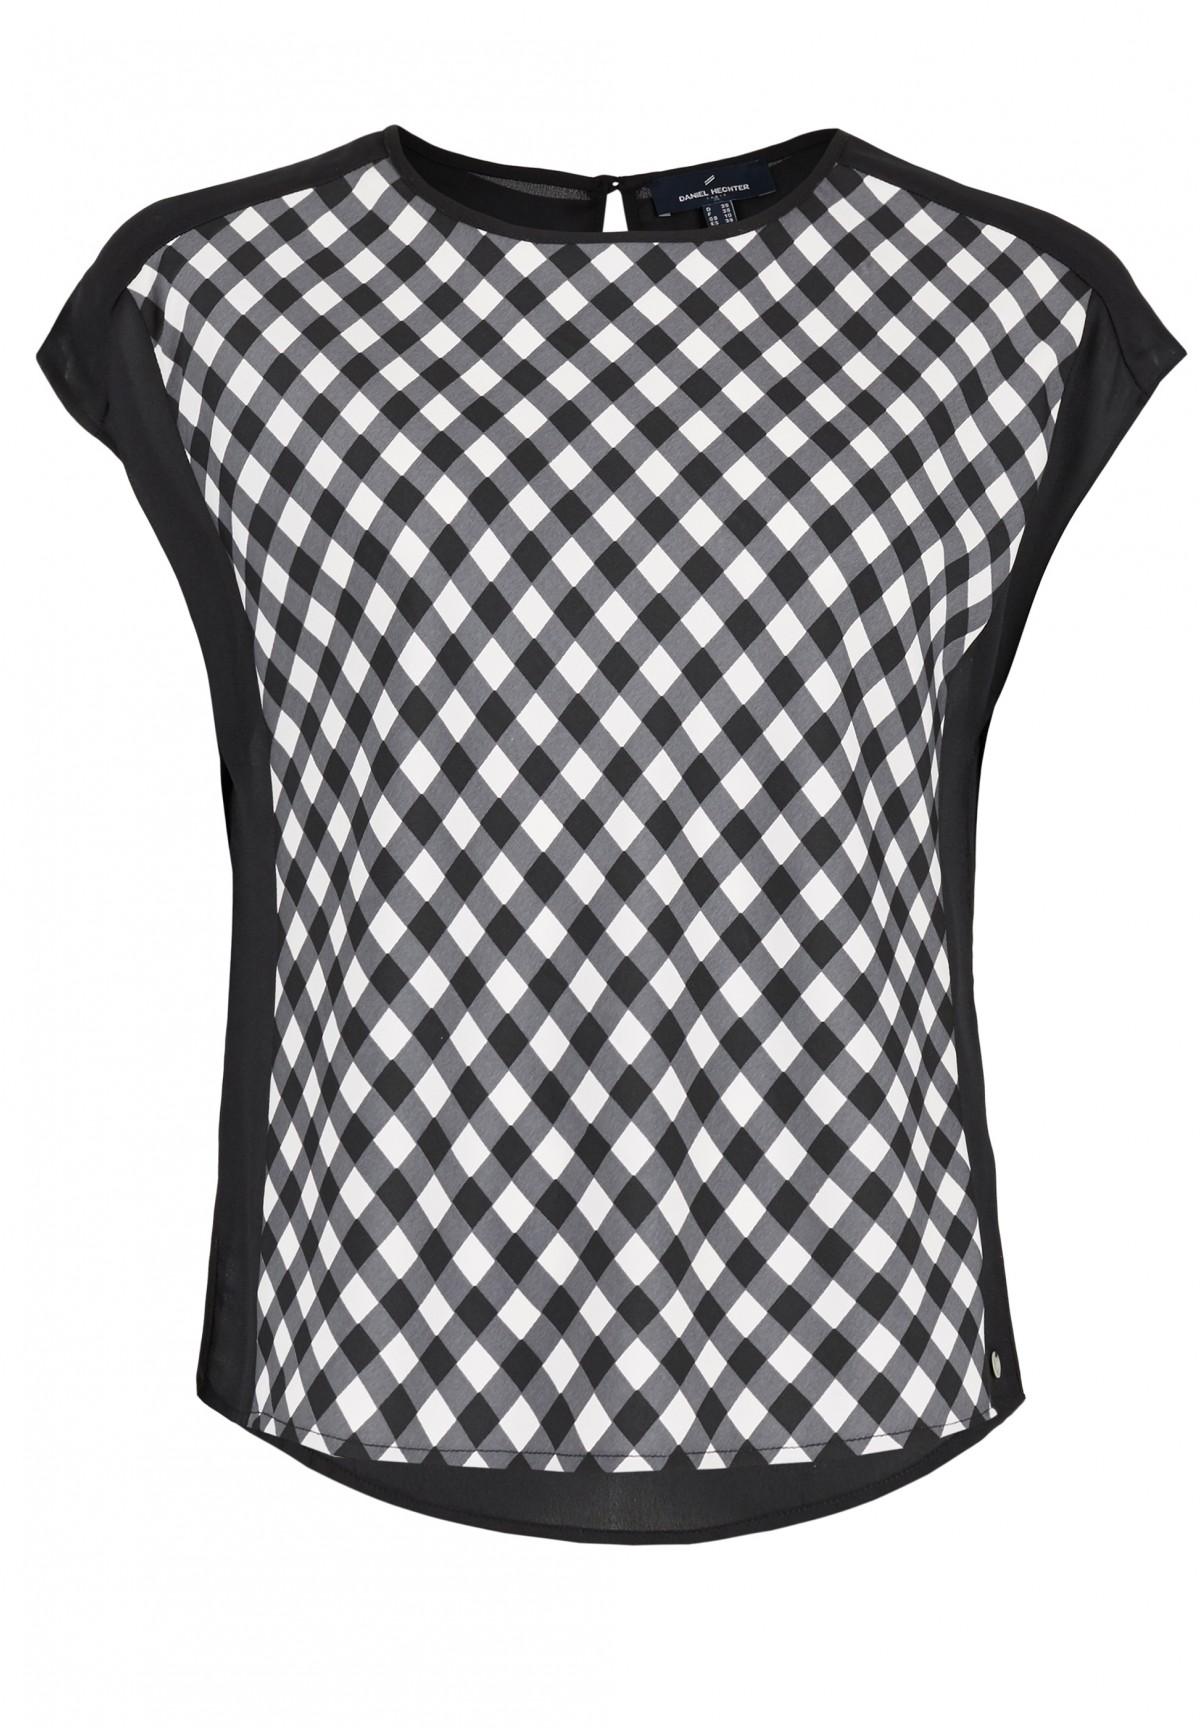 Bluse mit Karo-Muster / Shirt